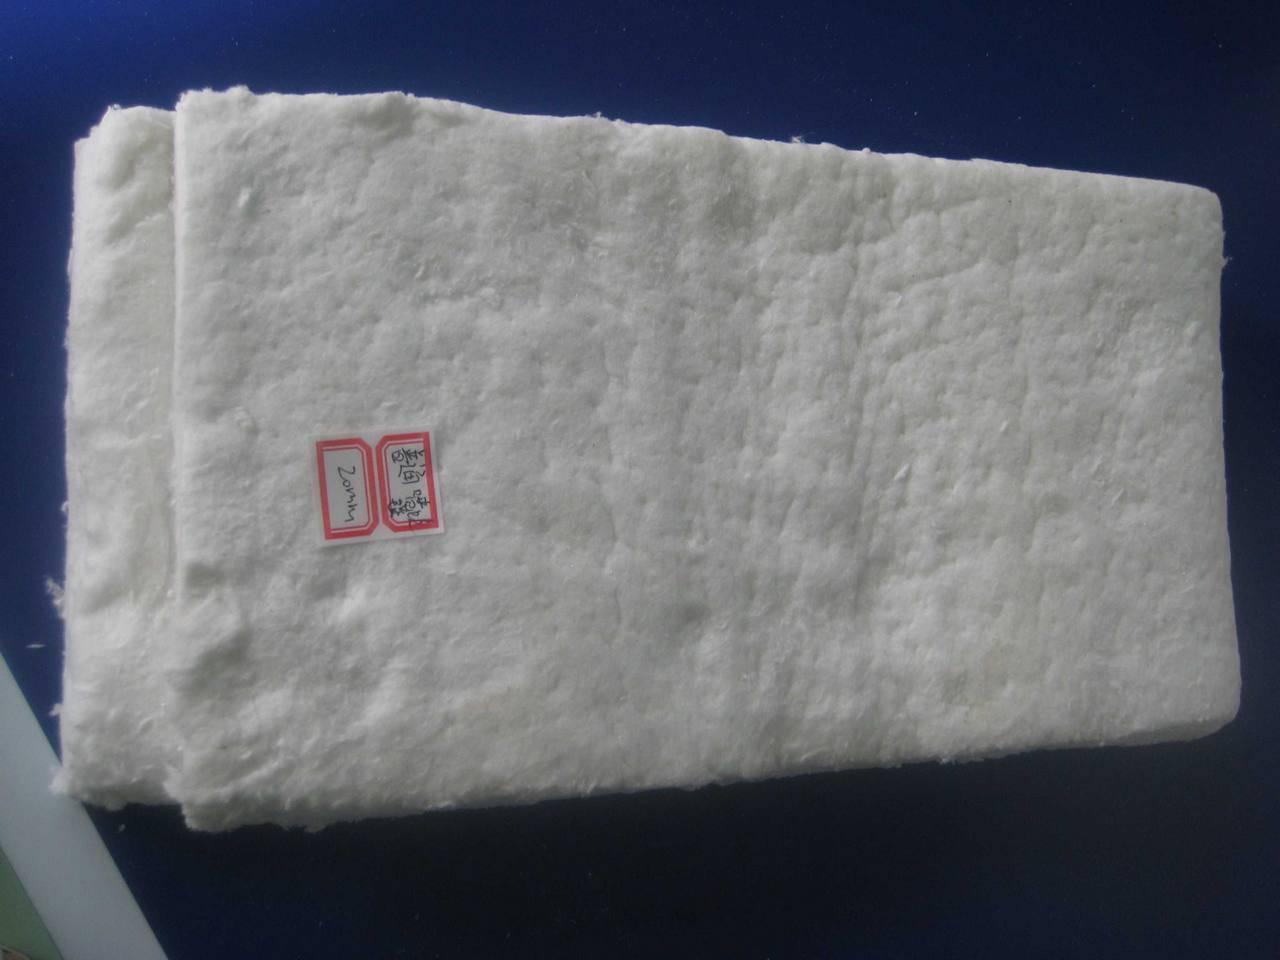 Insulation-Ceramic Fiber blanket